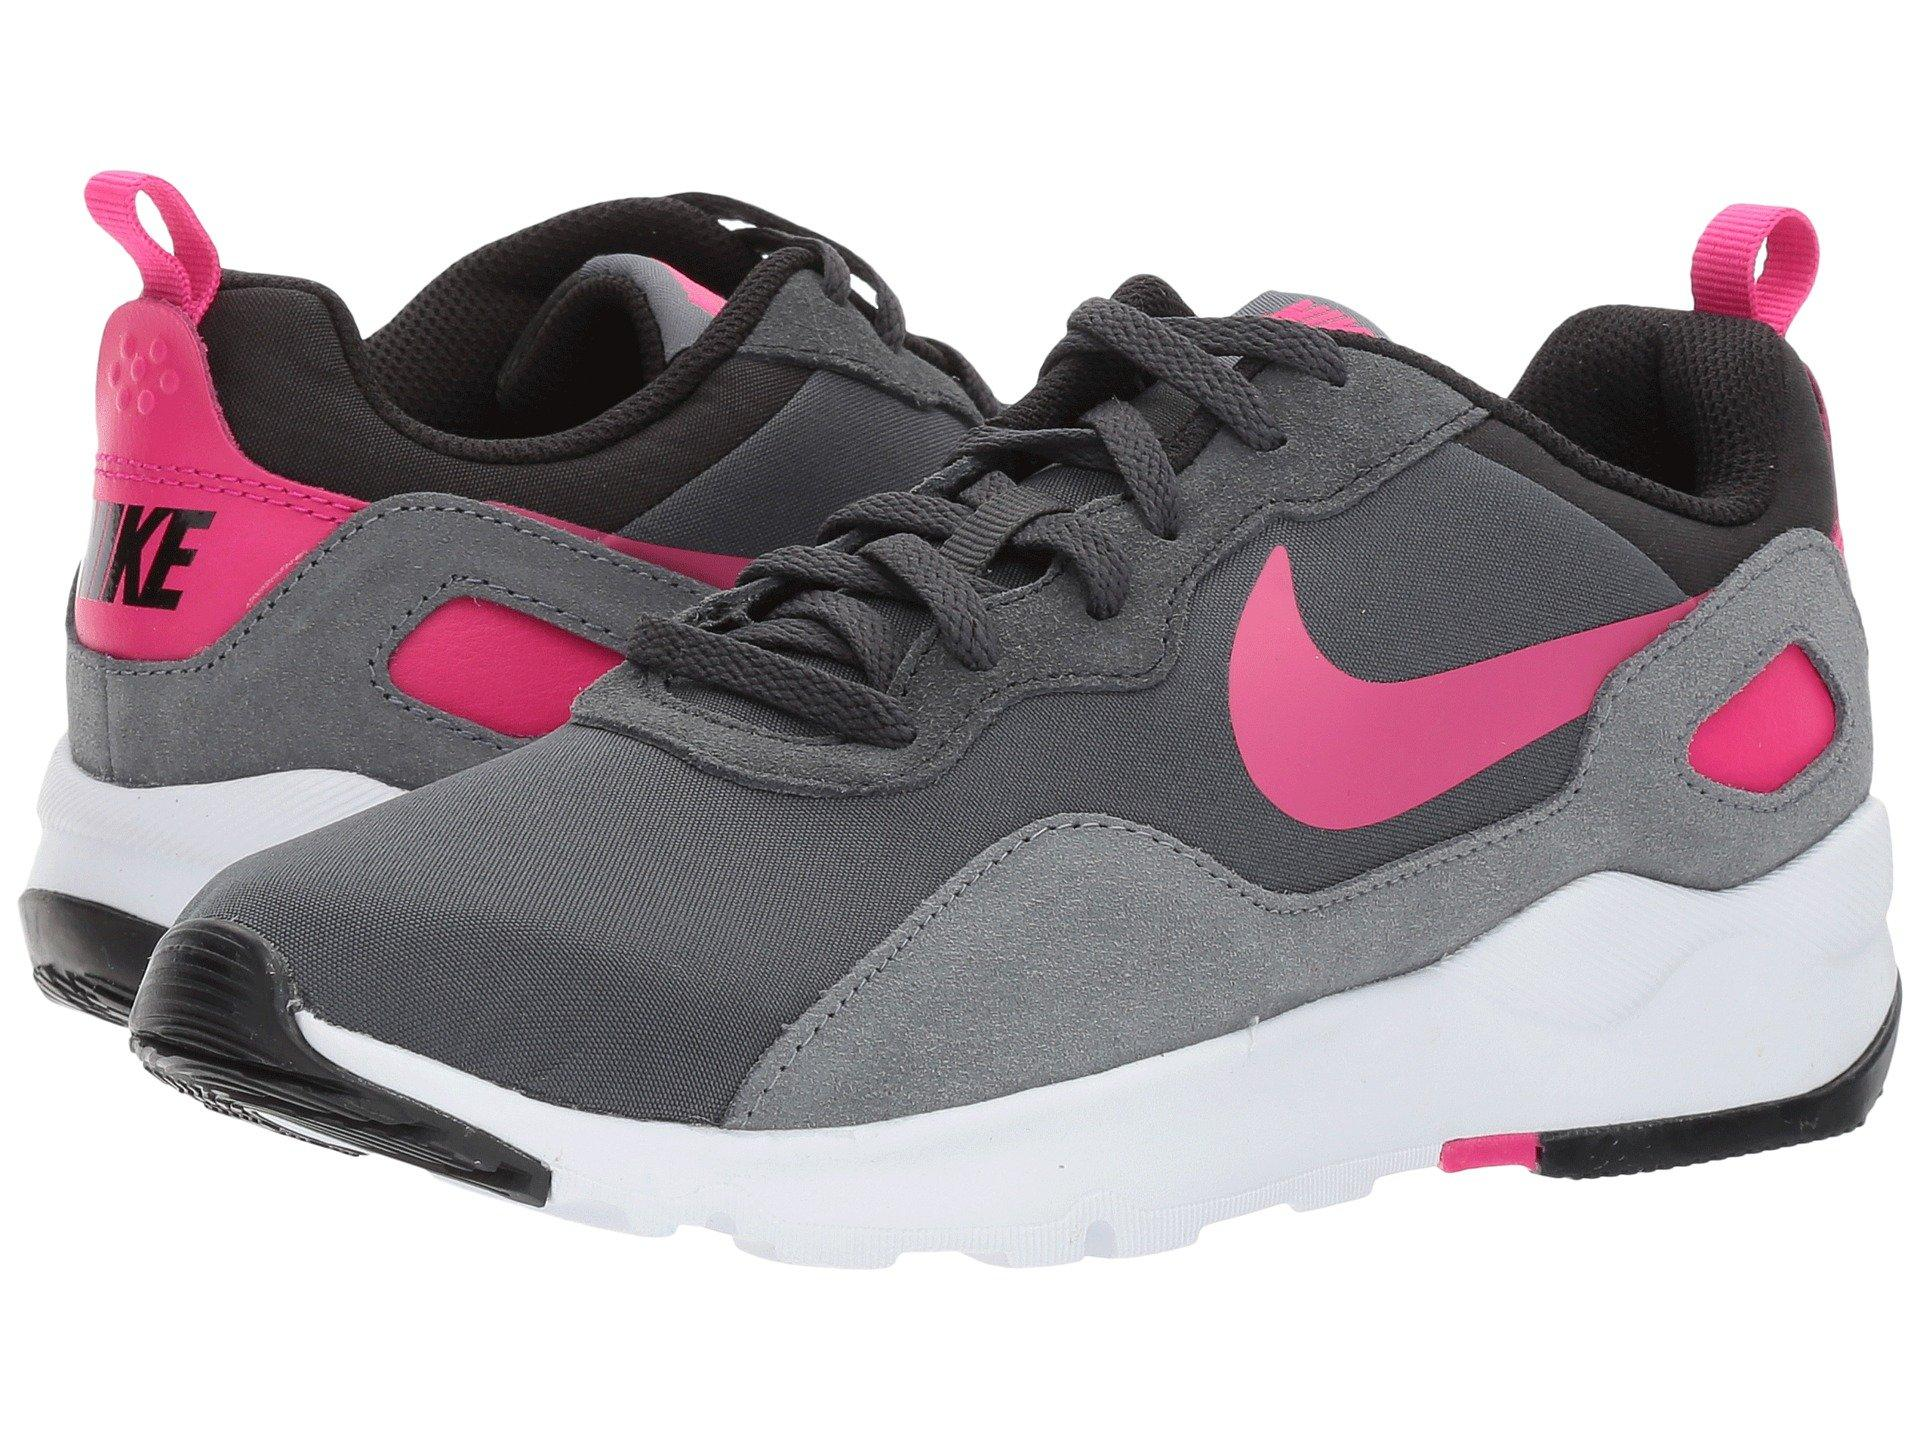 9e50e9589d5e5 Nike Ld Runner